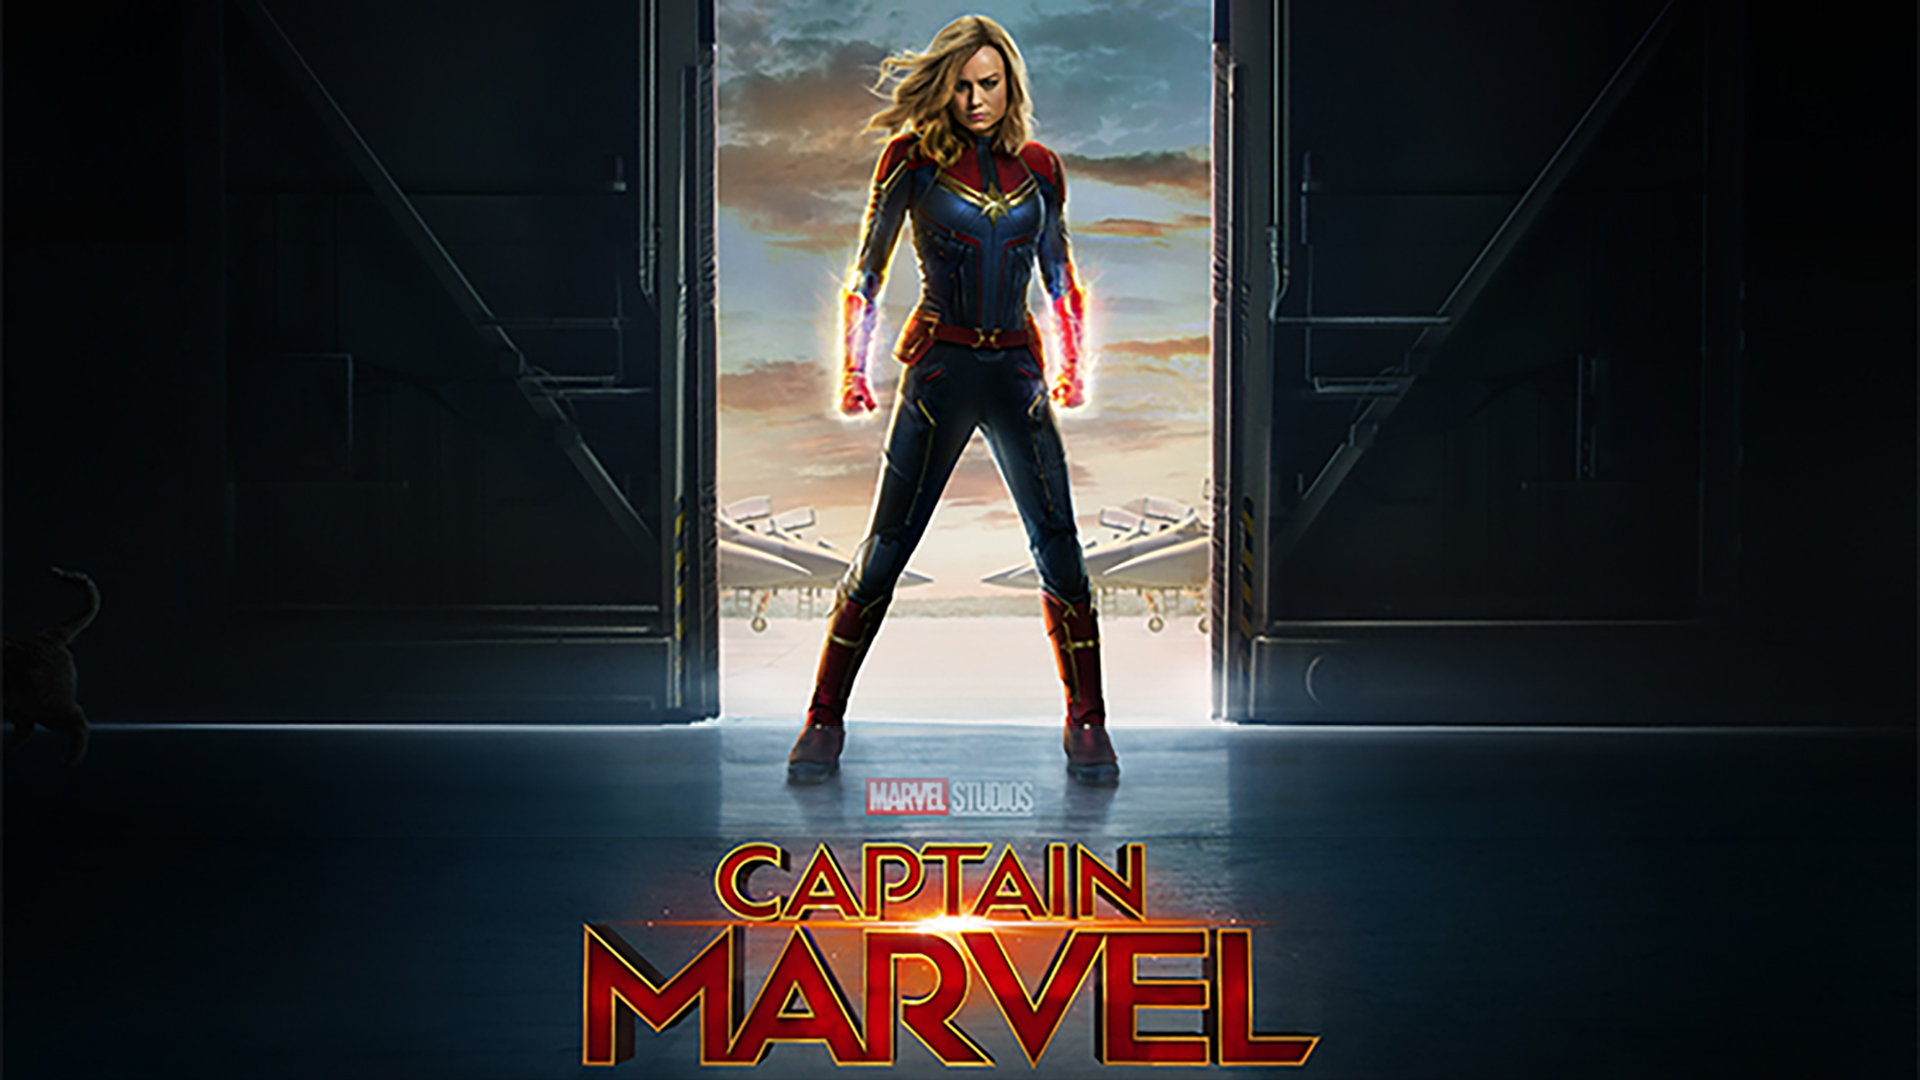 Ya se estrenó el trailer de Capitana Marvel